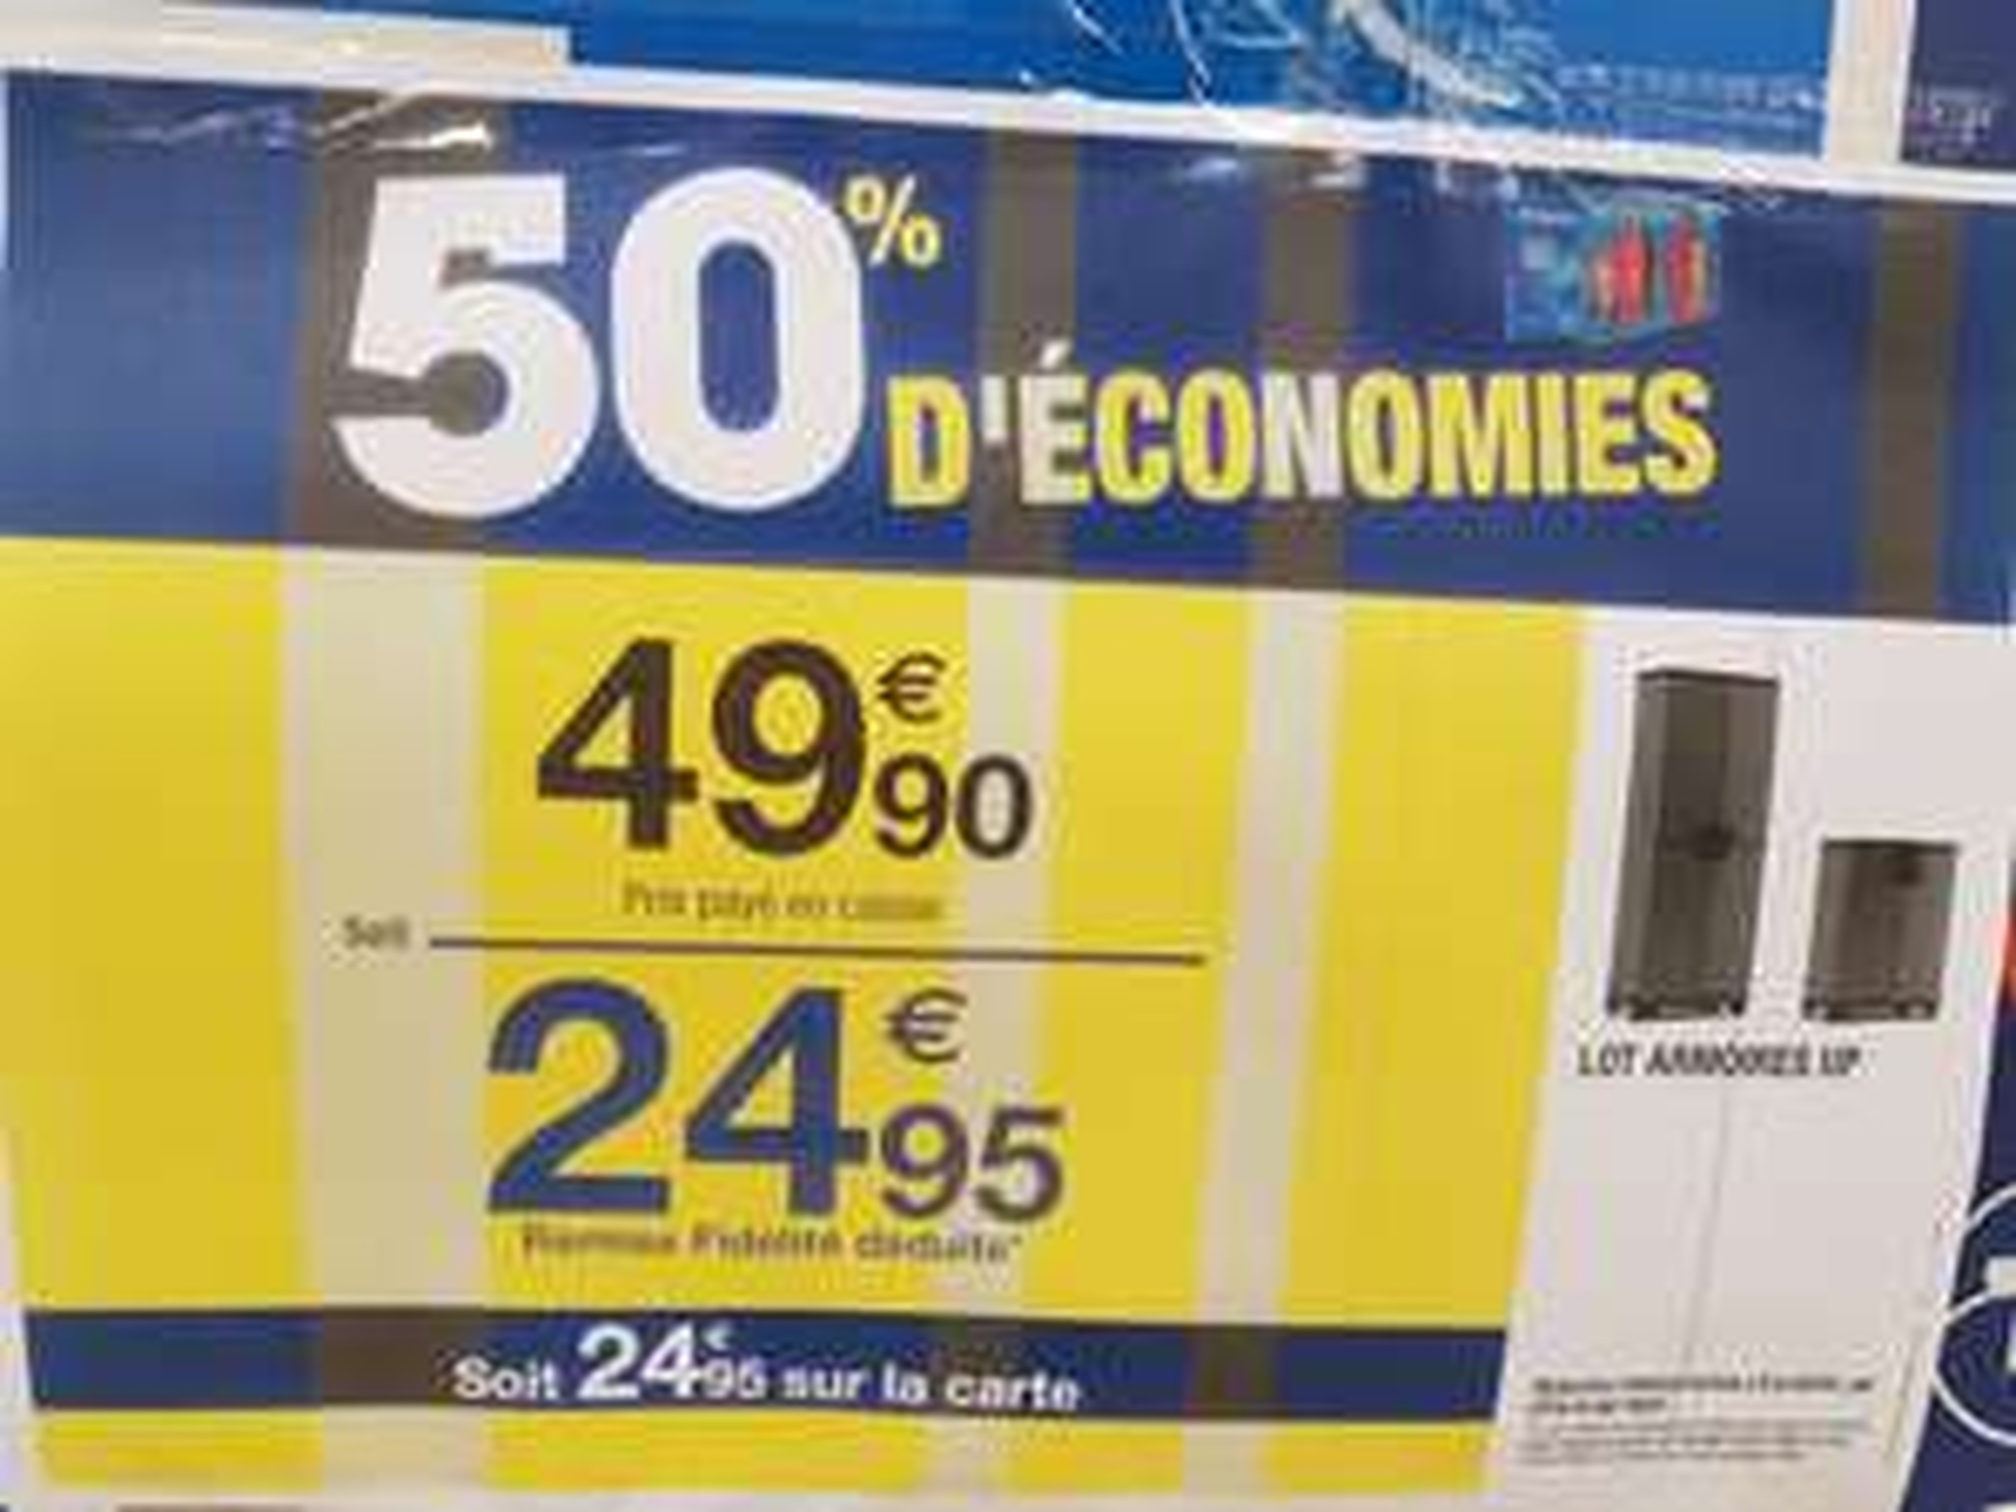 Lot Armoires Up (via 24.95€ fidélité, Carrefour Sartrouville - 78)